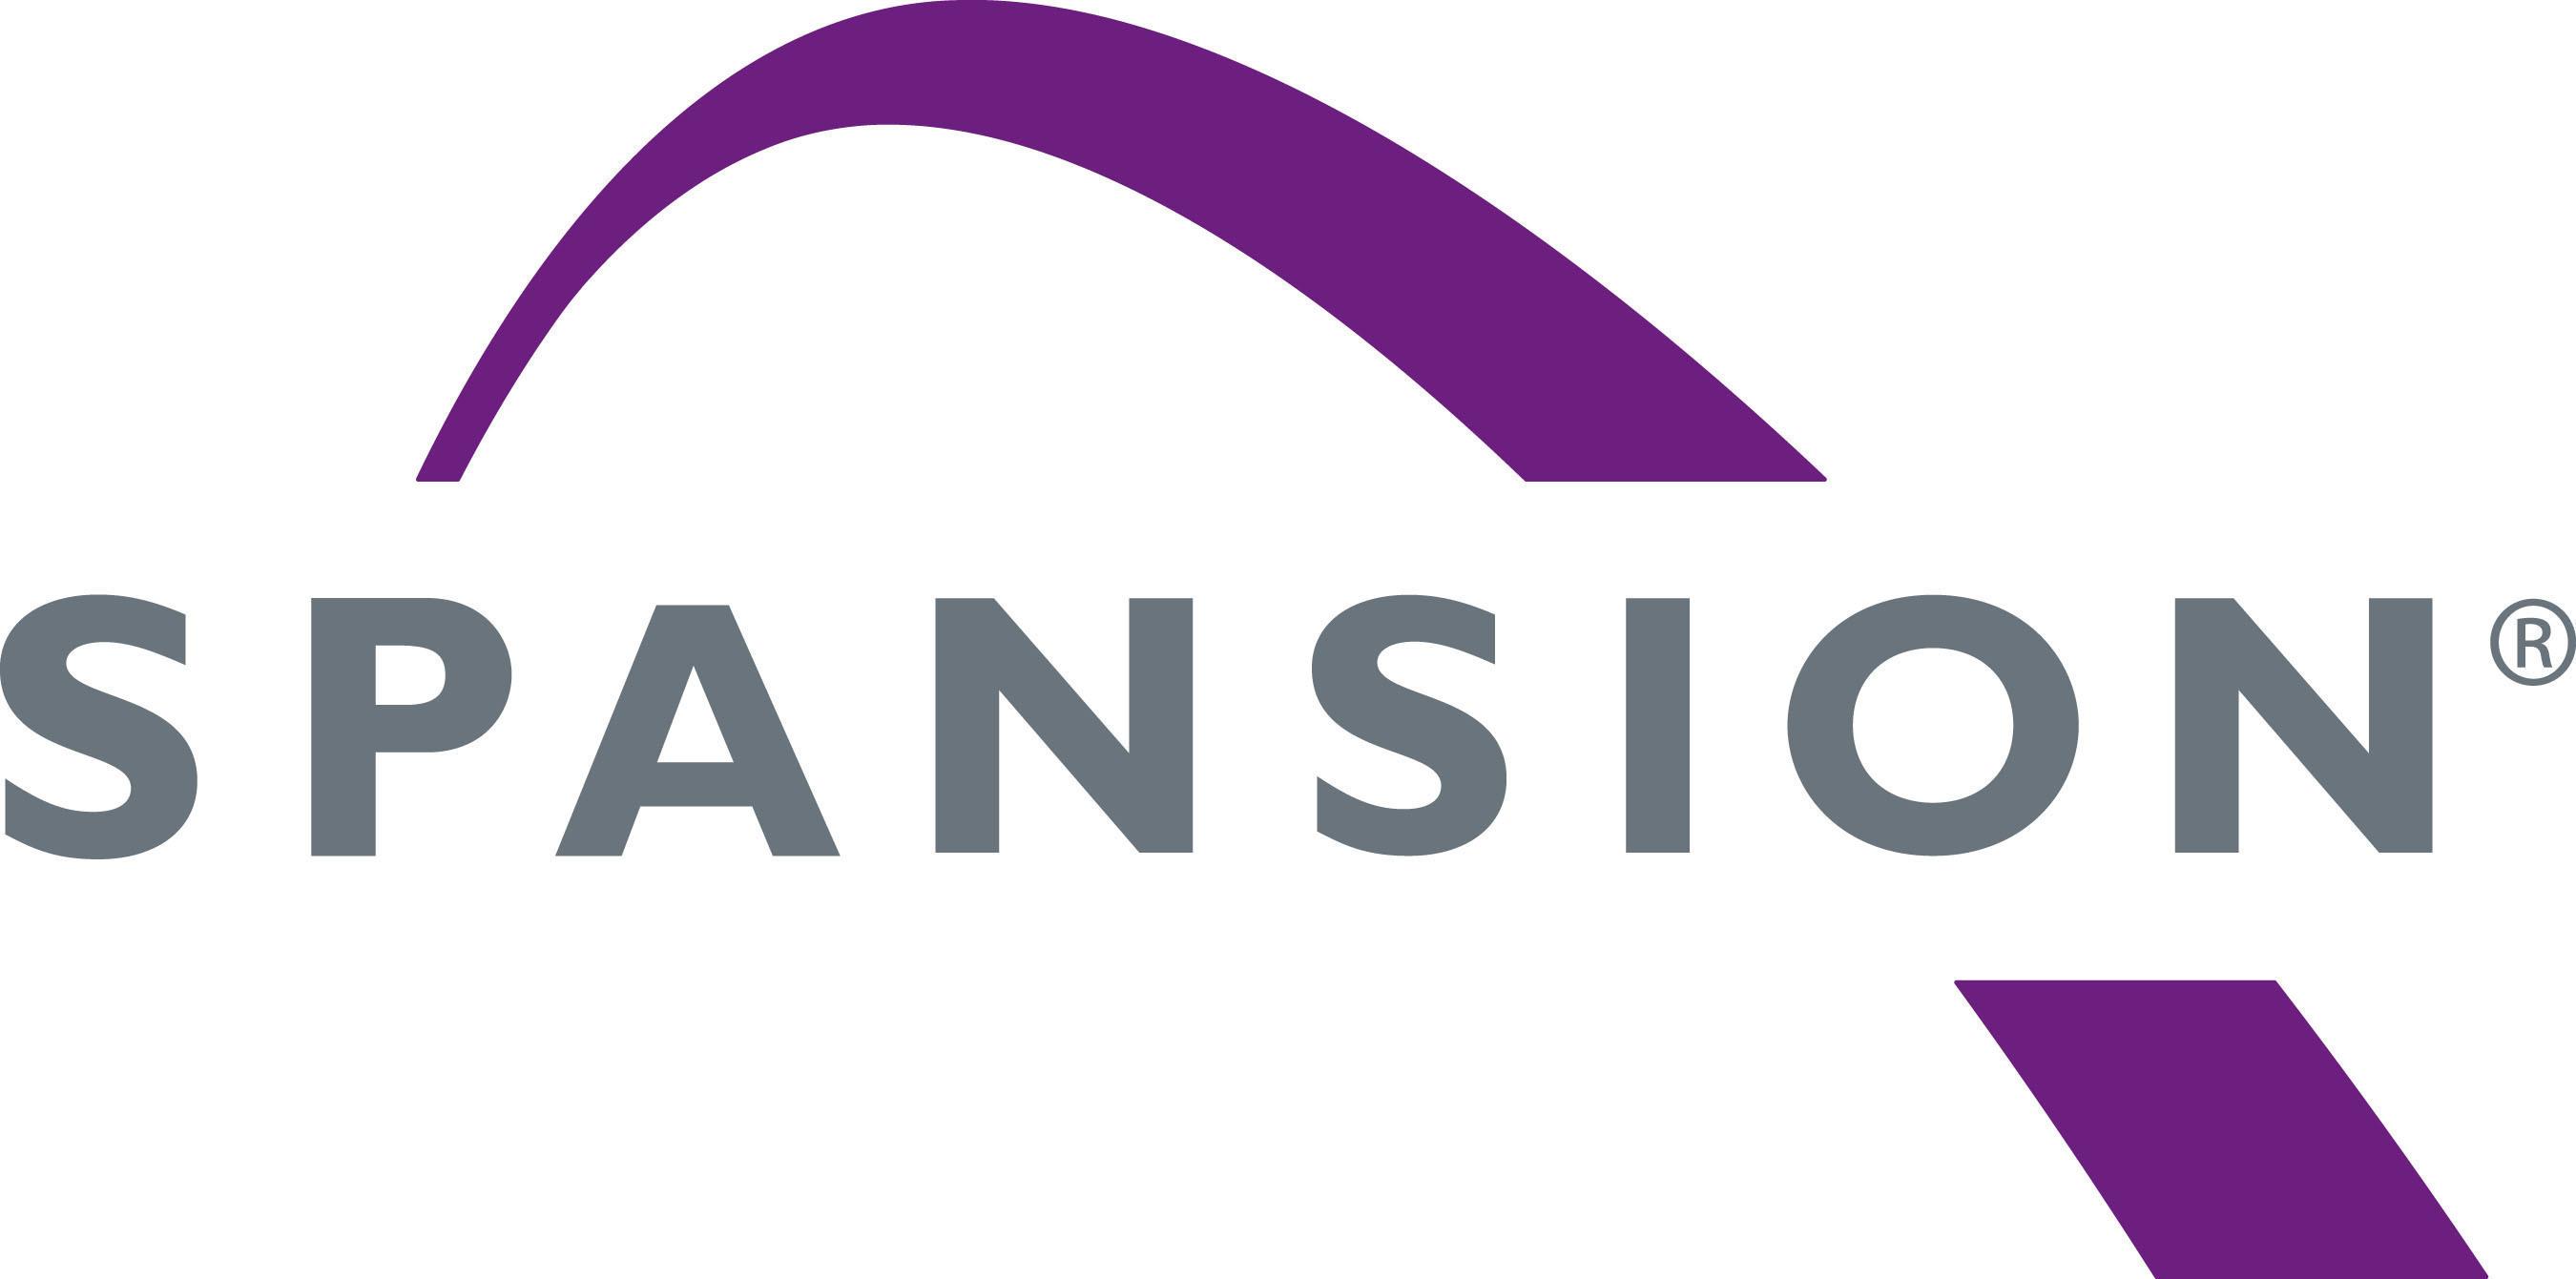 Spansion logo.